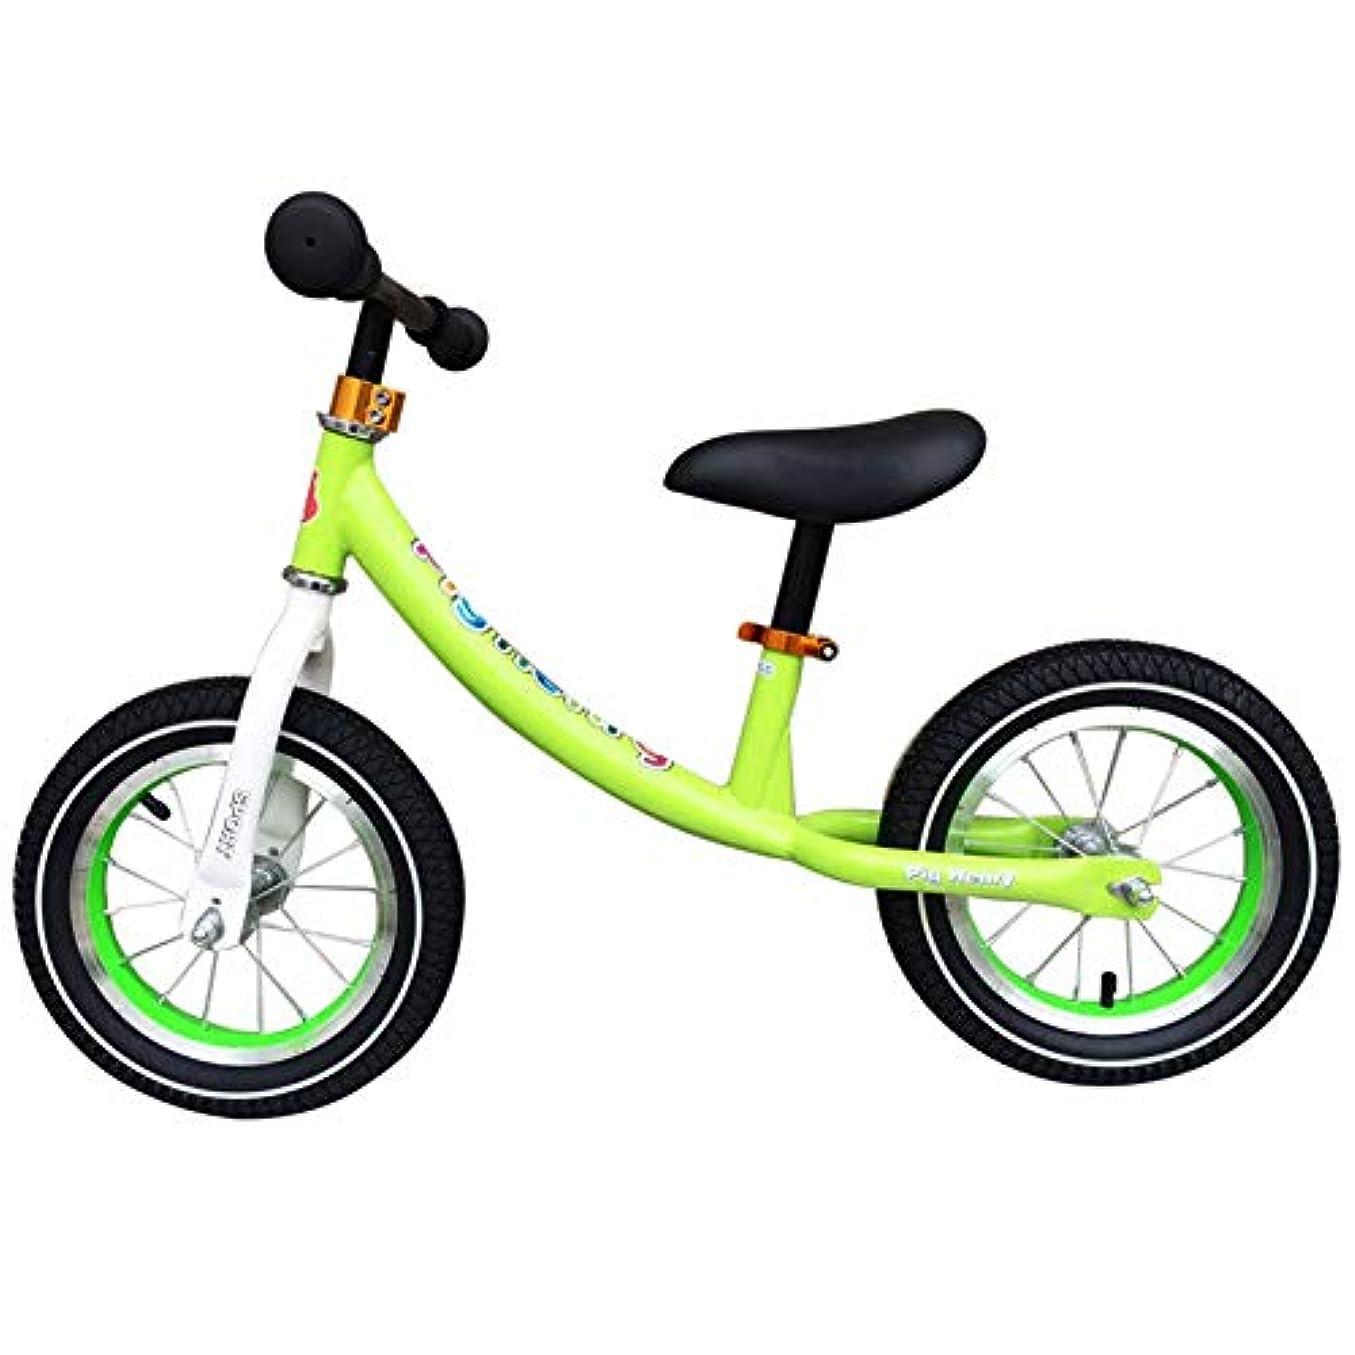 辛なディスクが欲しい子供バランス自転車子供ランニング自転車マグネシウム合金いいえペダルウォーキング自転車 2~5 歳用調節可能なハンドルバーとシート